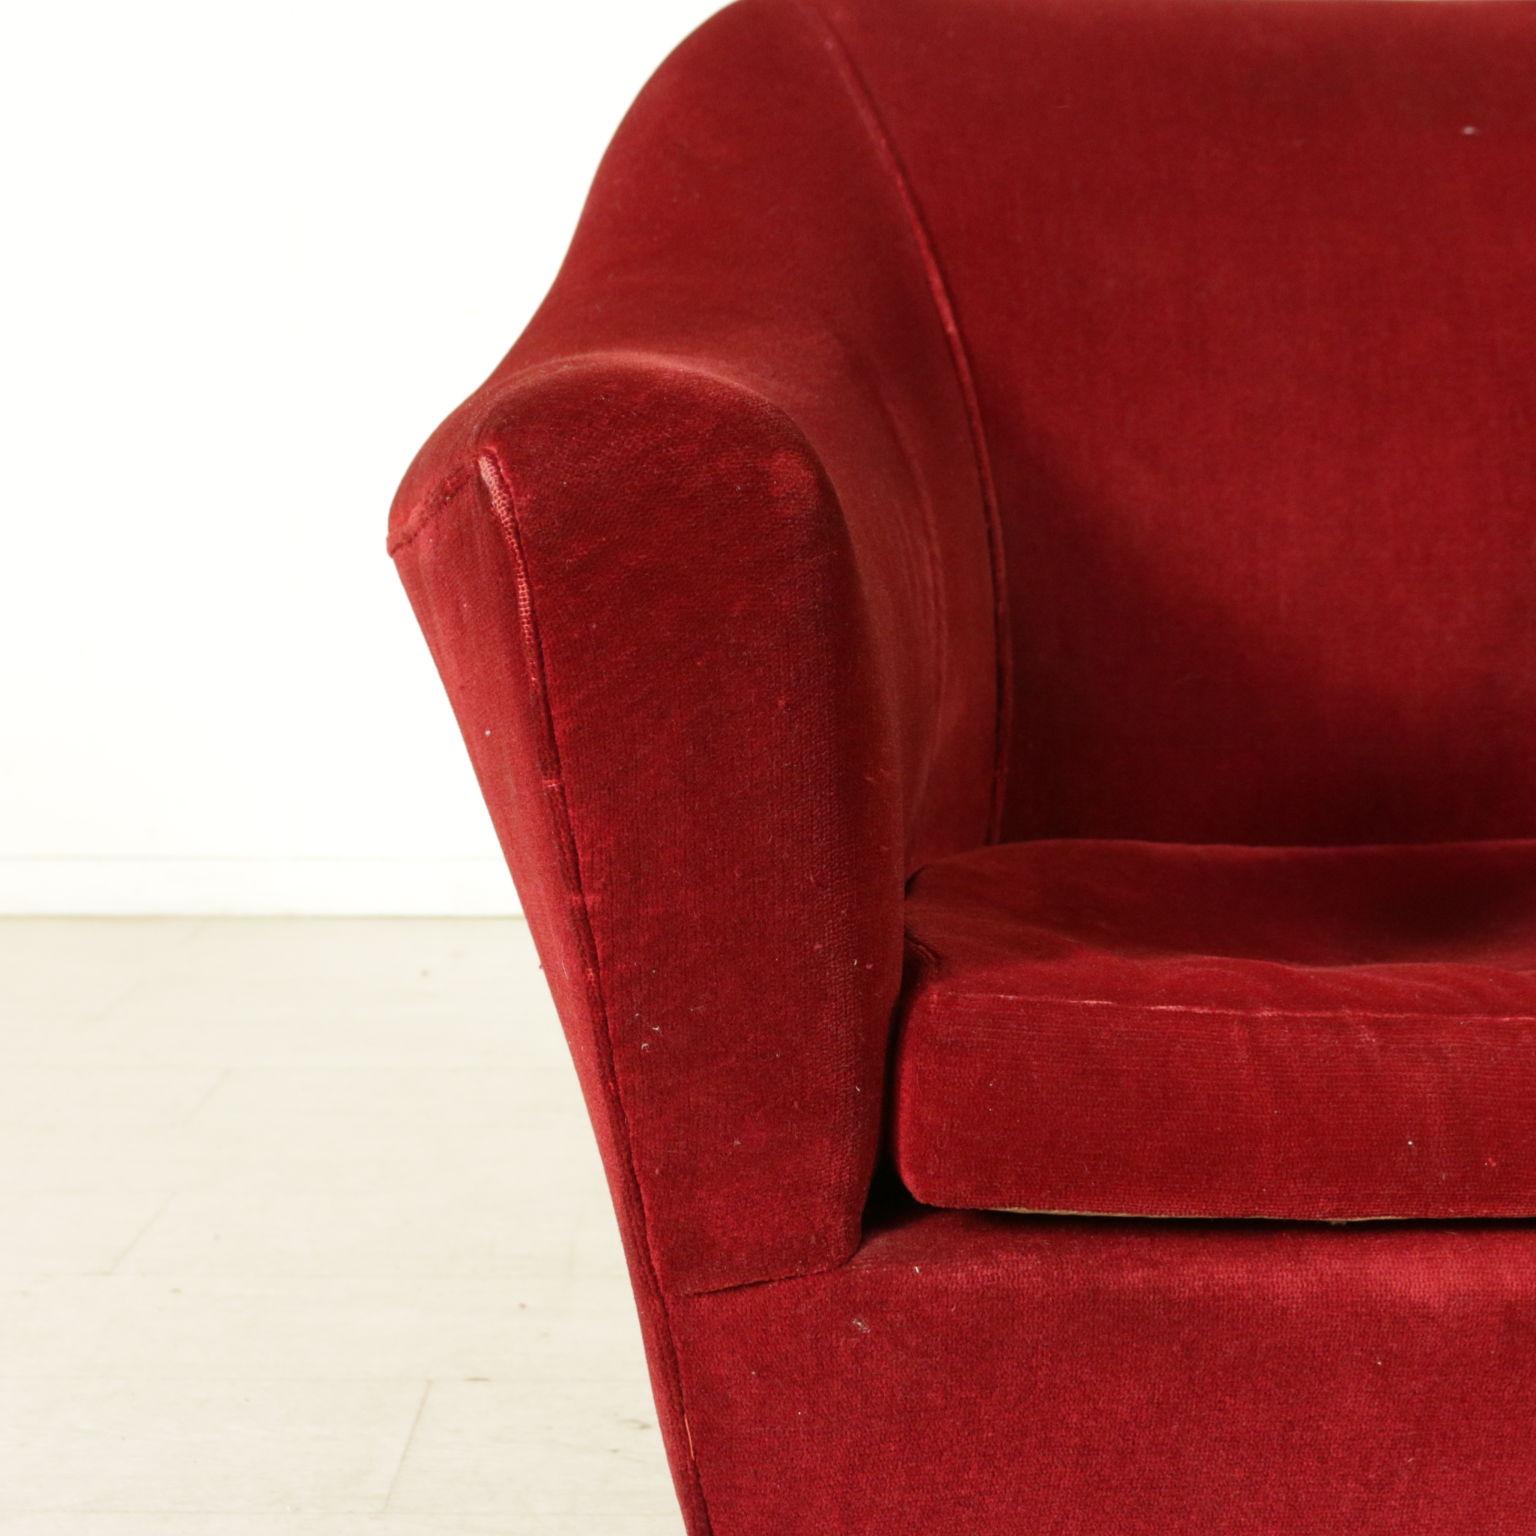 sessel 50er jahre sessel modernes design. Black Bedroom Furniture Sets. Home Design Ideas